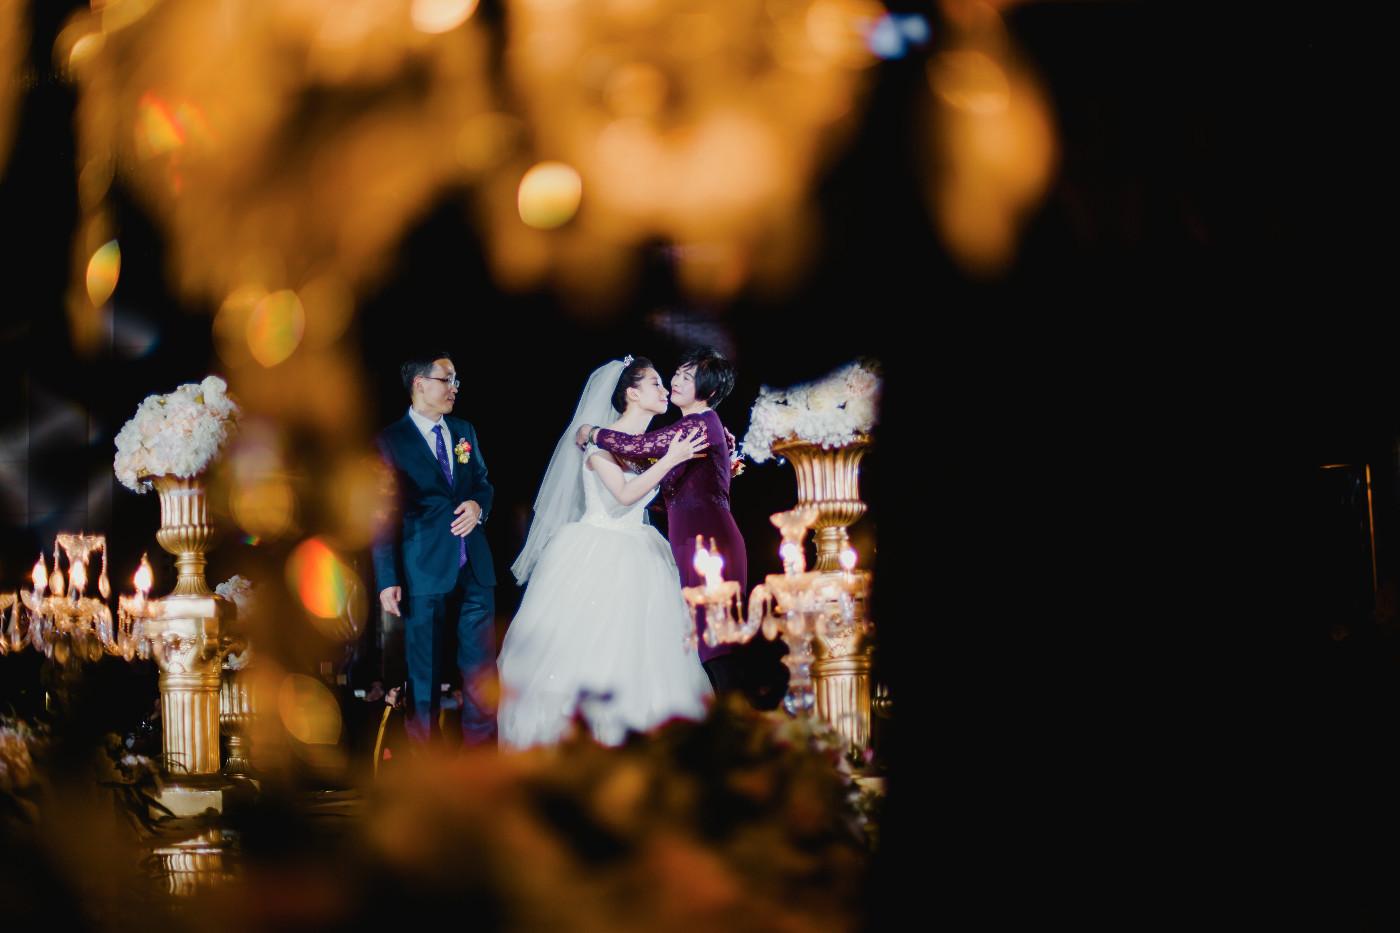 Mr. & Mrs. Zhang31